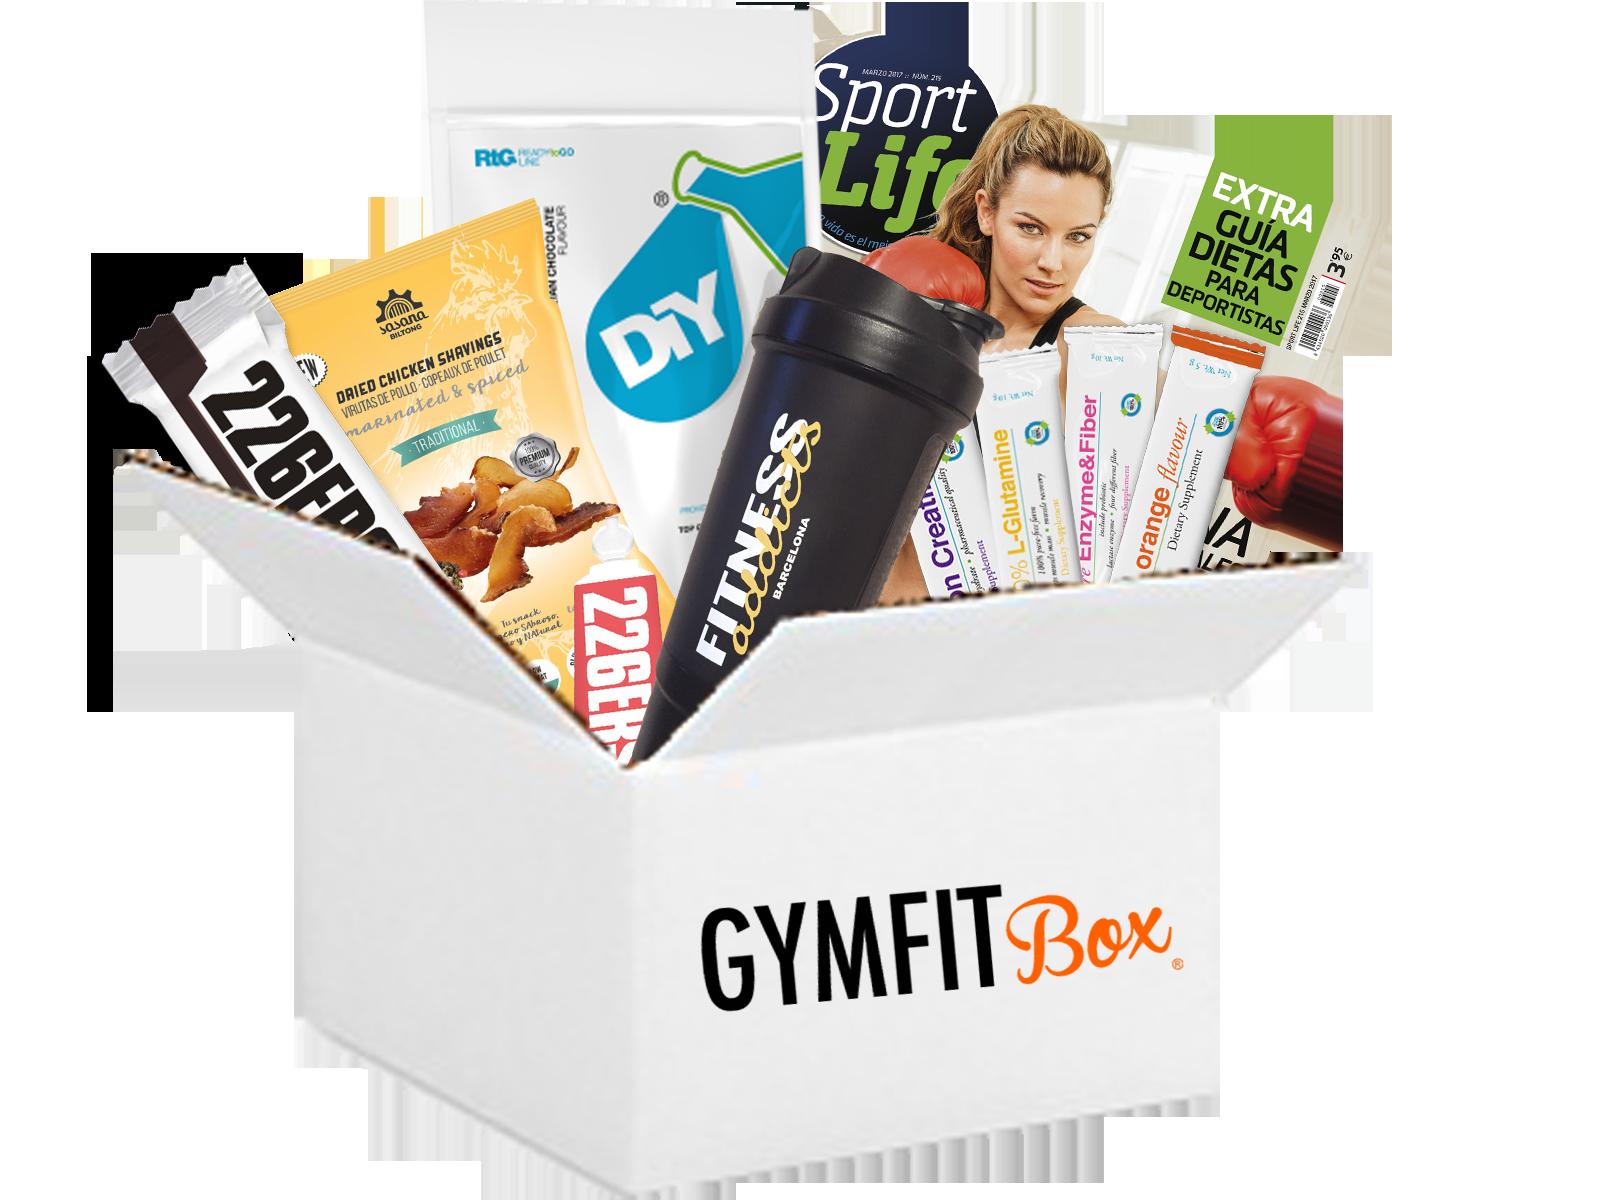 Gymfitbox Marzo